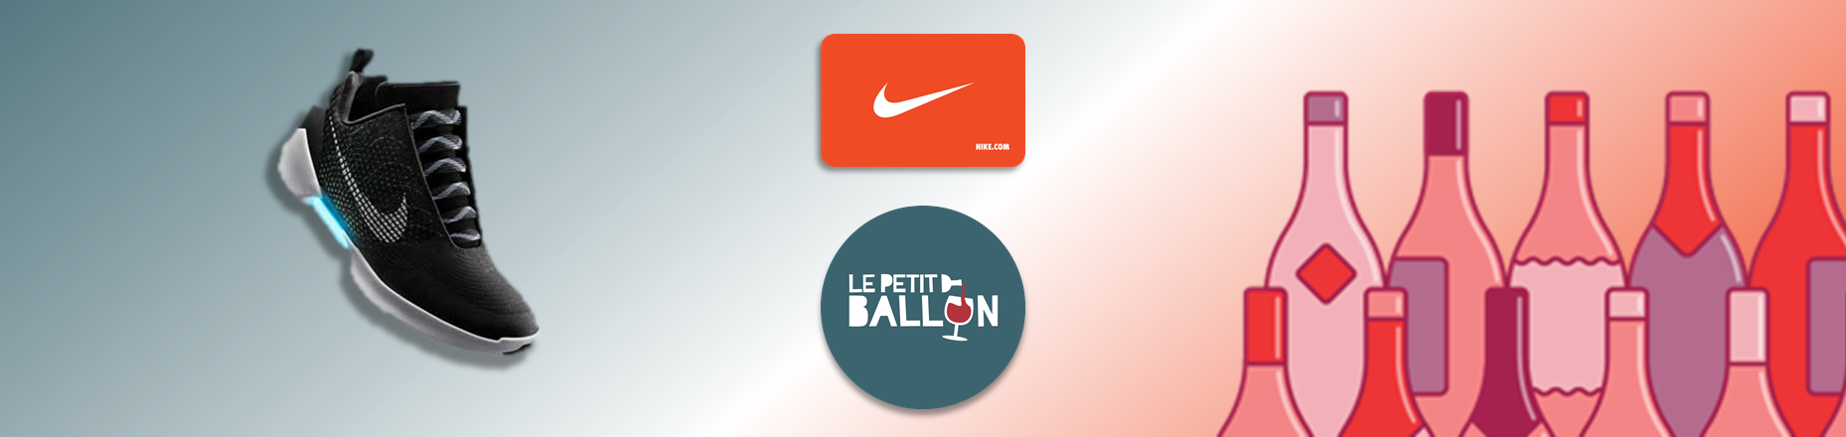 Nike et Le Petit Ballon ont pris leur envol pour atterrir sur vos caisses !